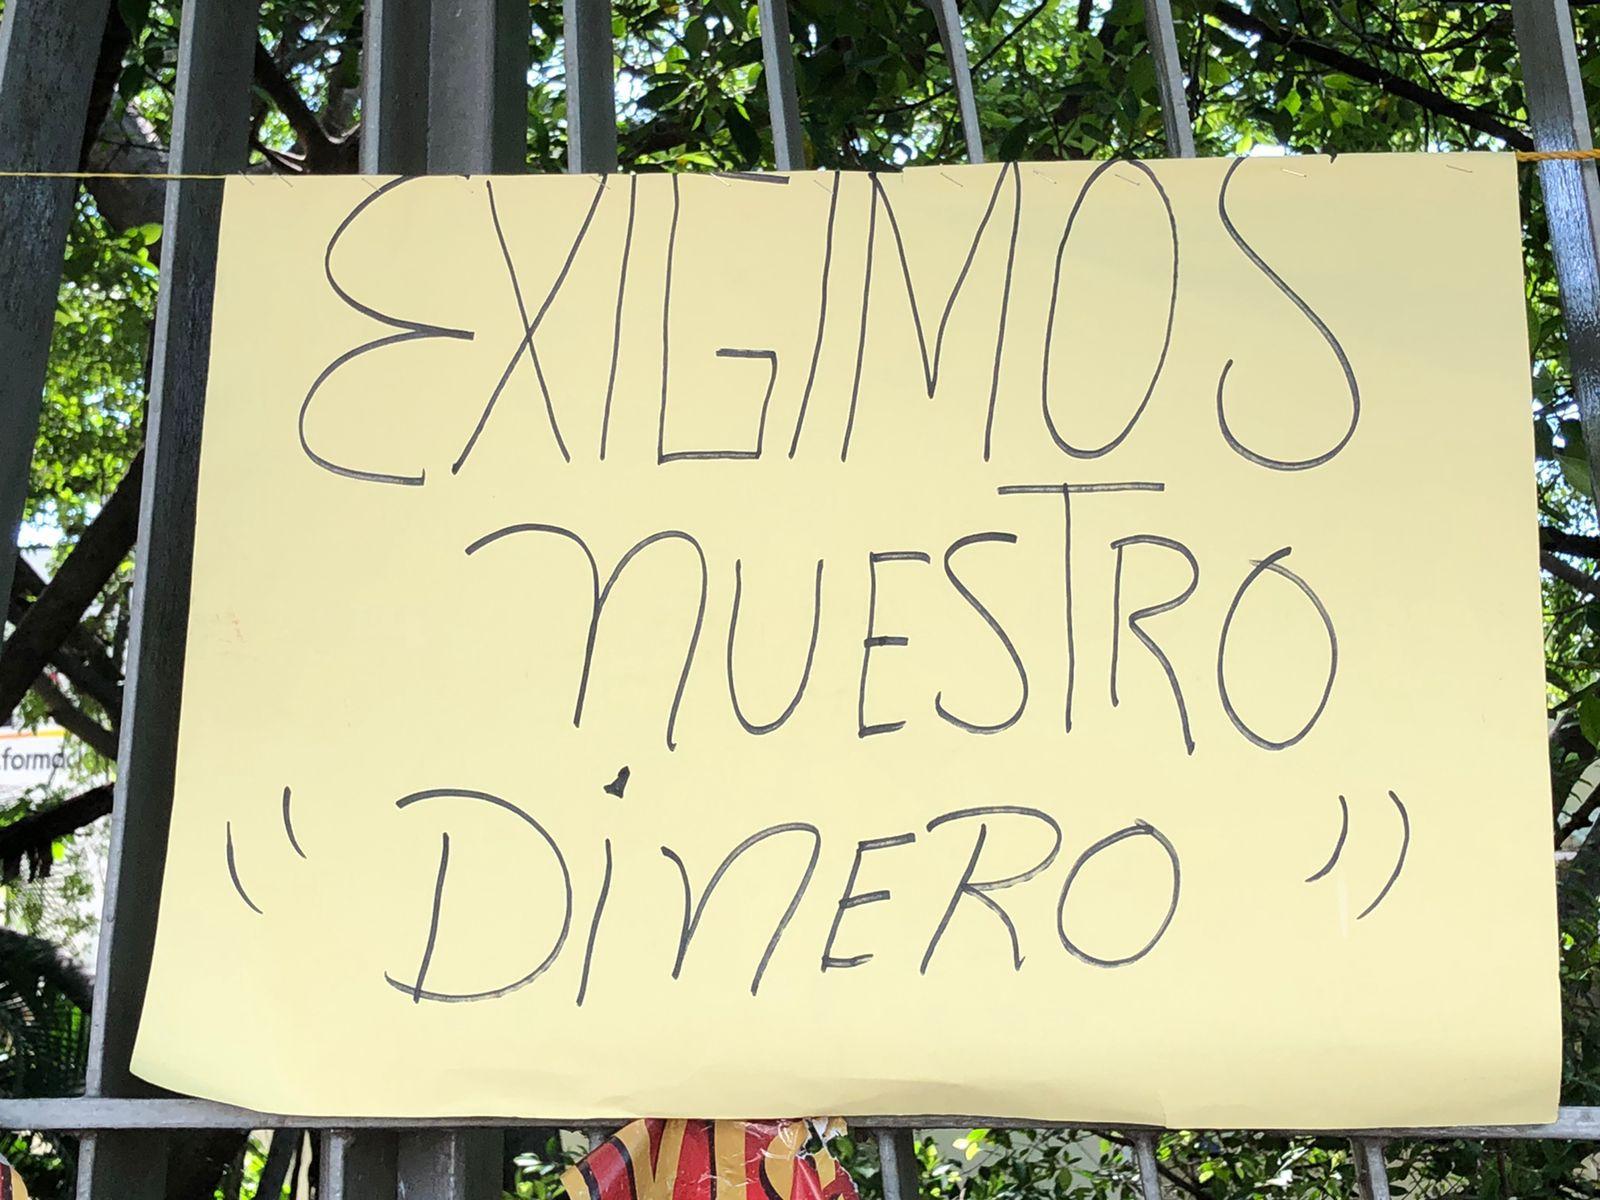 Pensionados protestan en dependencias de Acapulco por adeudo de pagos 2